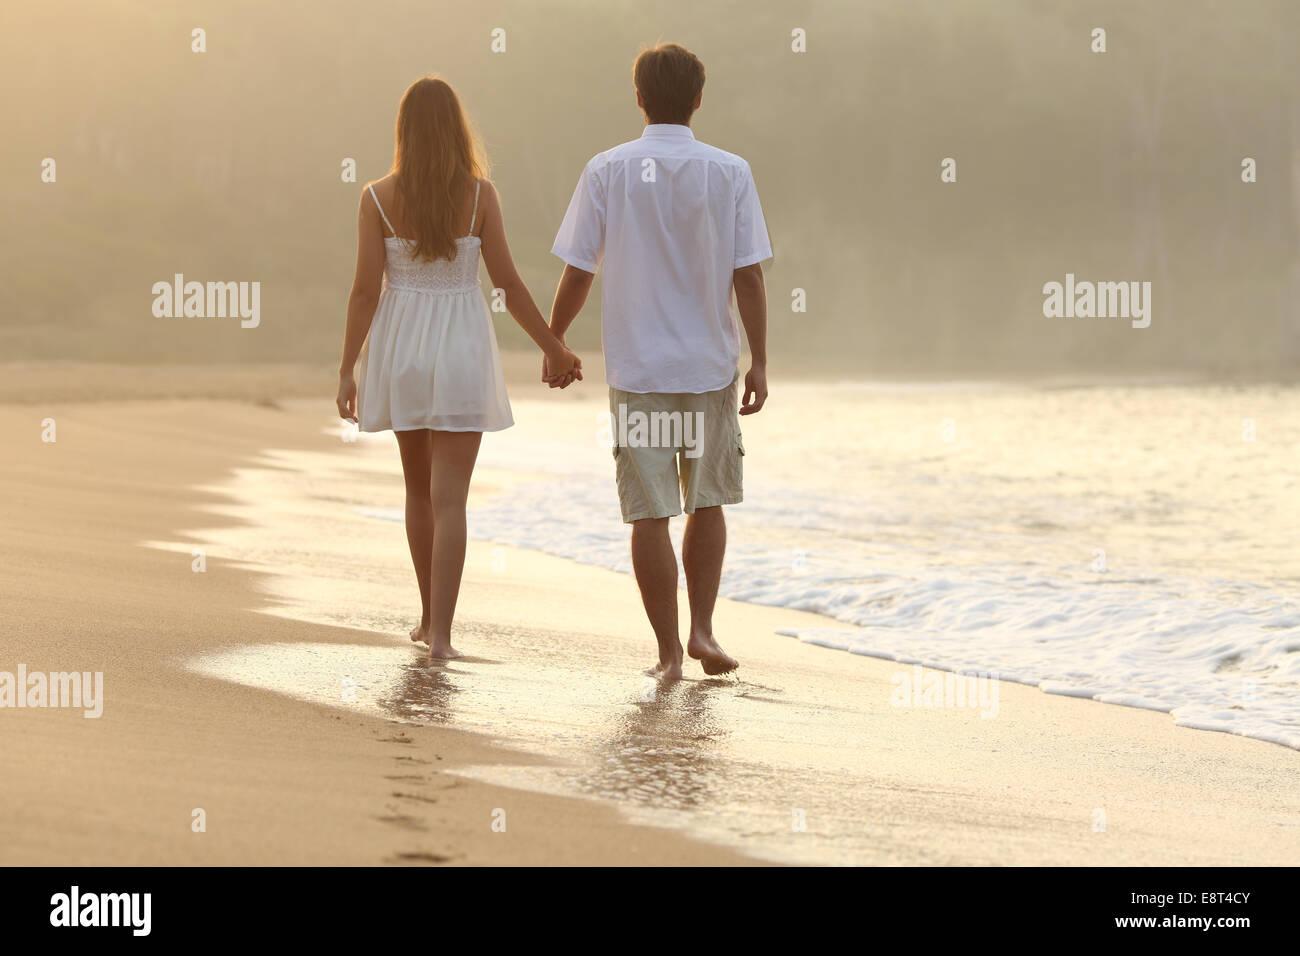 Vista posteriore di una coppia a piedi e tenendo le mani sulla sabbia di una spiaggia al tramonto Immagini Stock